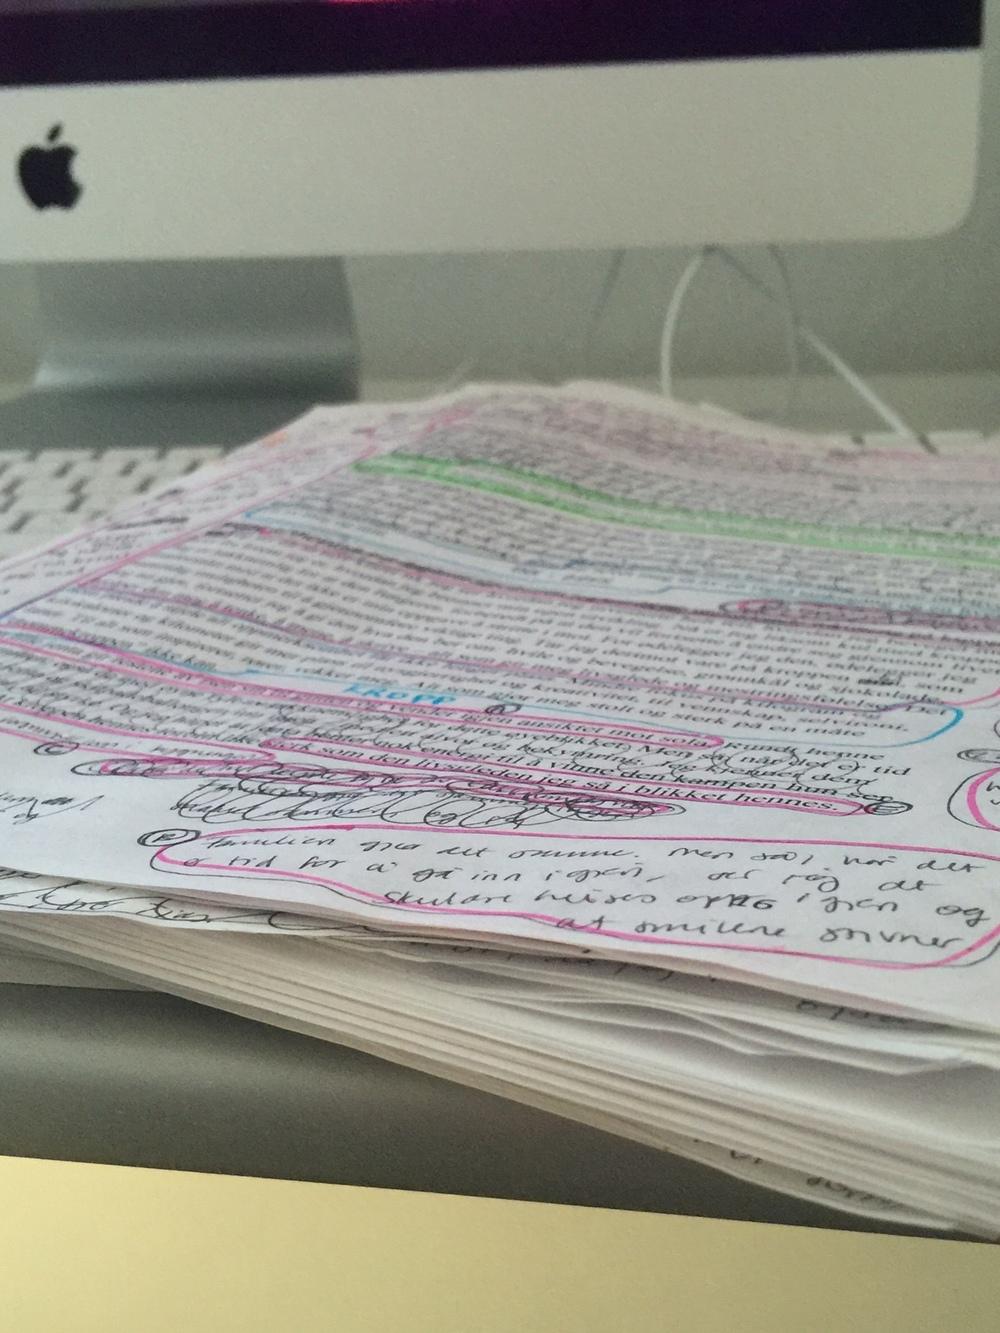 Notater flyter over på kontoret mitt og jeg har null oversikt over hvilke utkast de ulike sidene tilhører - men tør likevel ikke kvitte meg med dem. Enda.